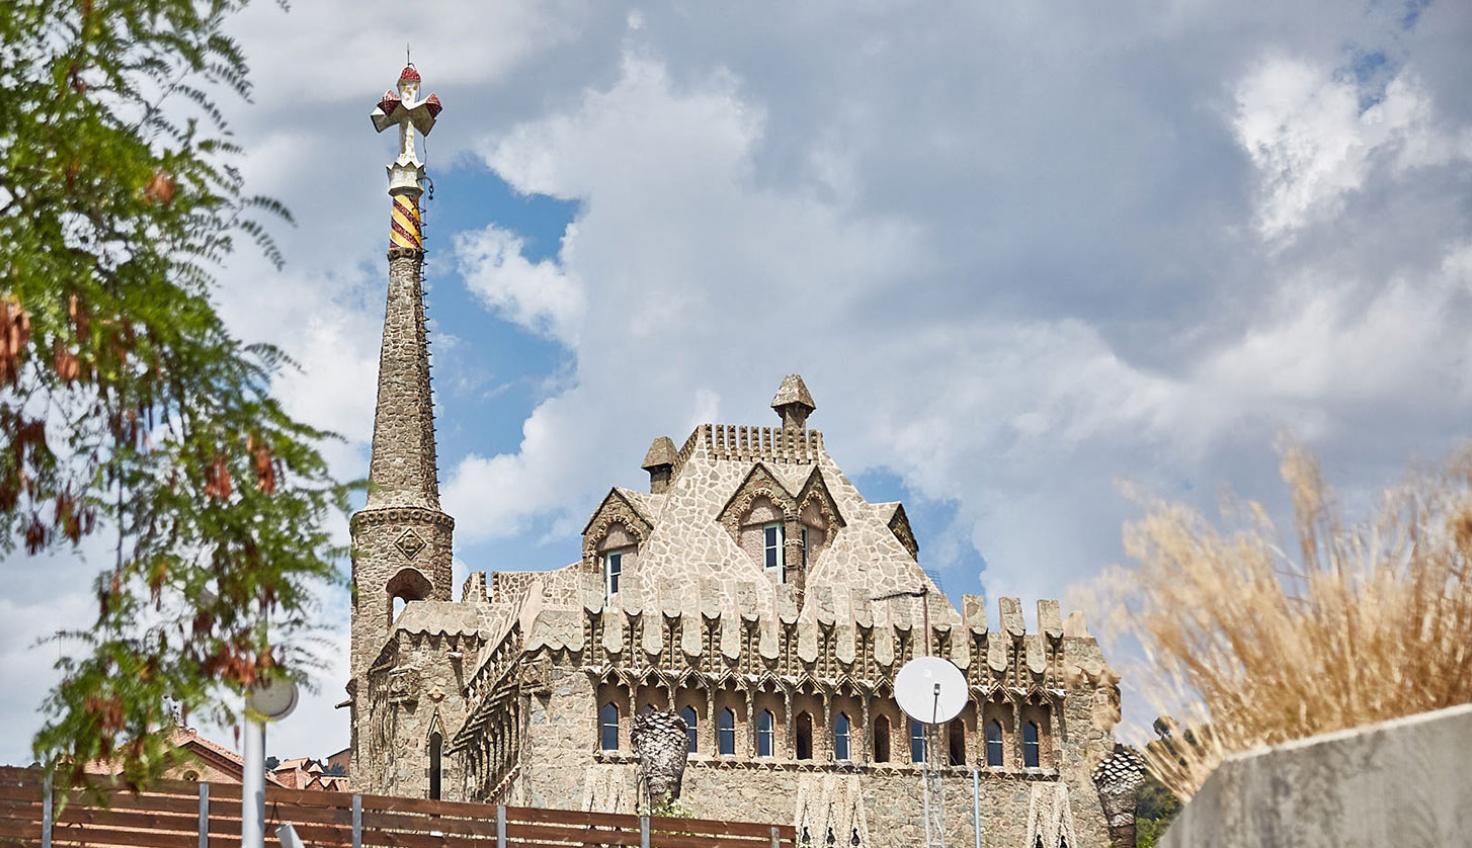 Photo Torre Bellesguard - Antoni Gaudí